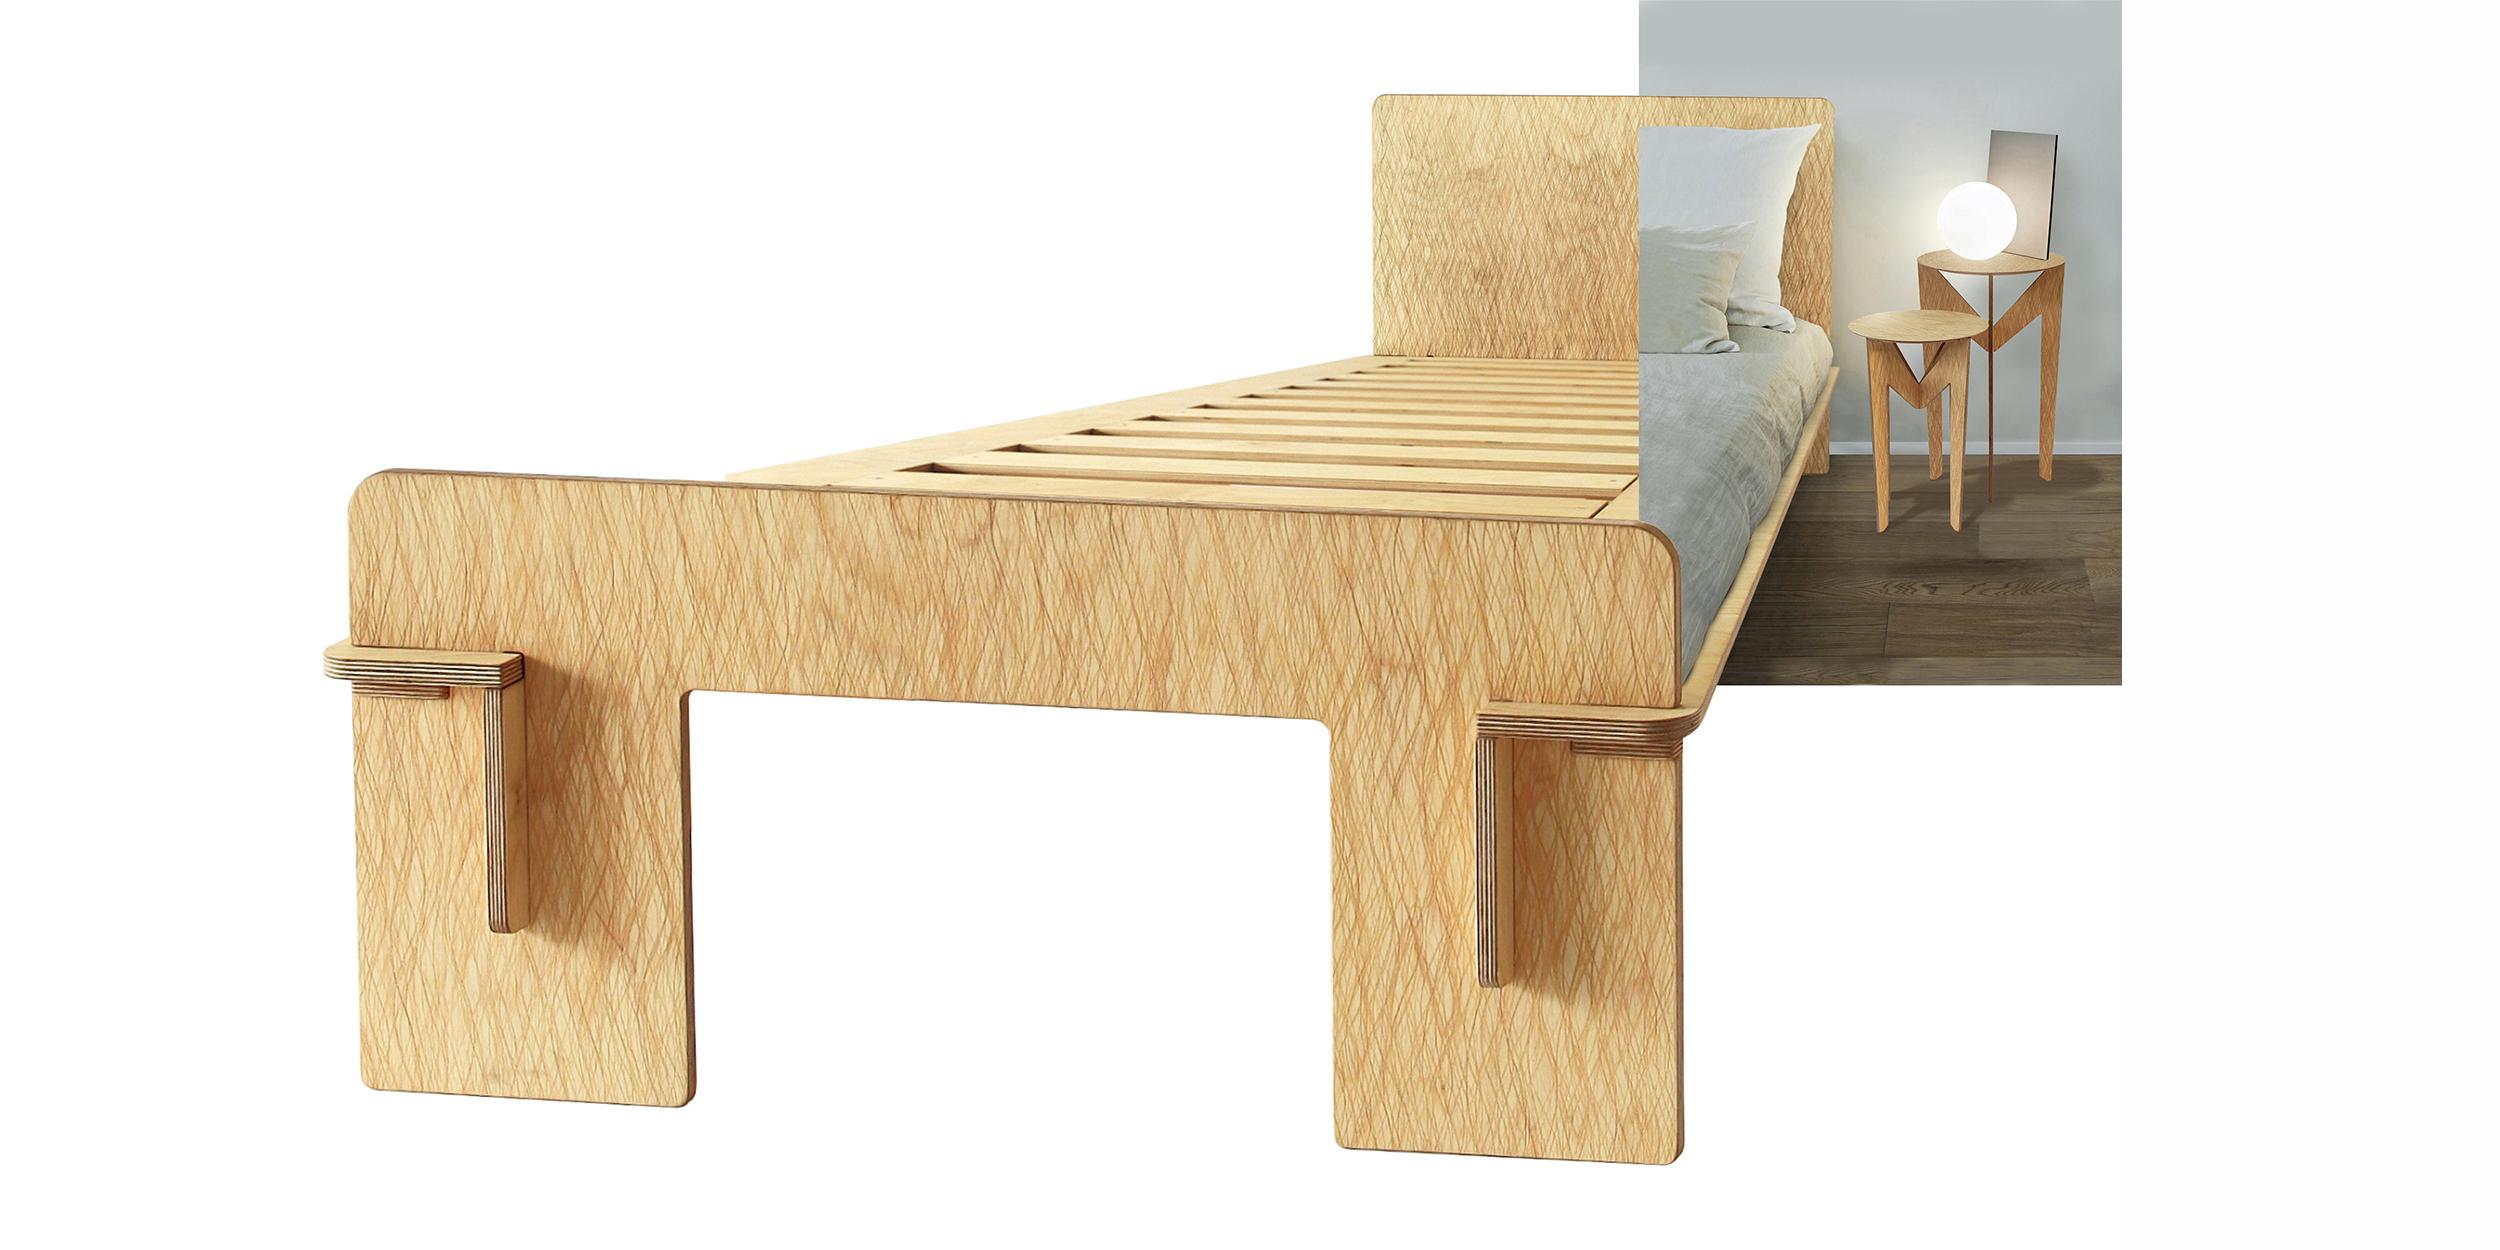 Letti in legno naturale | Radiko